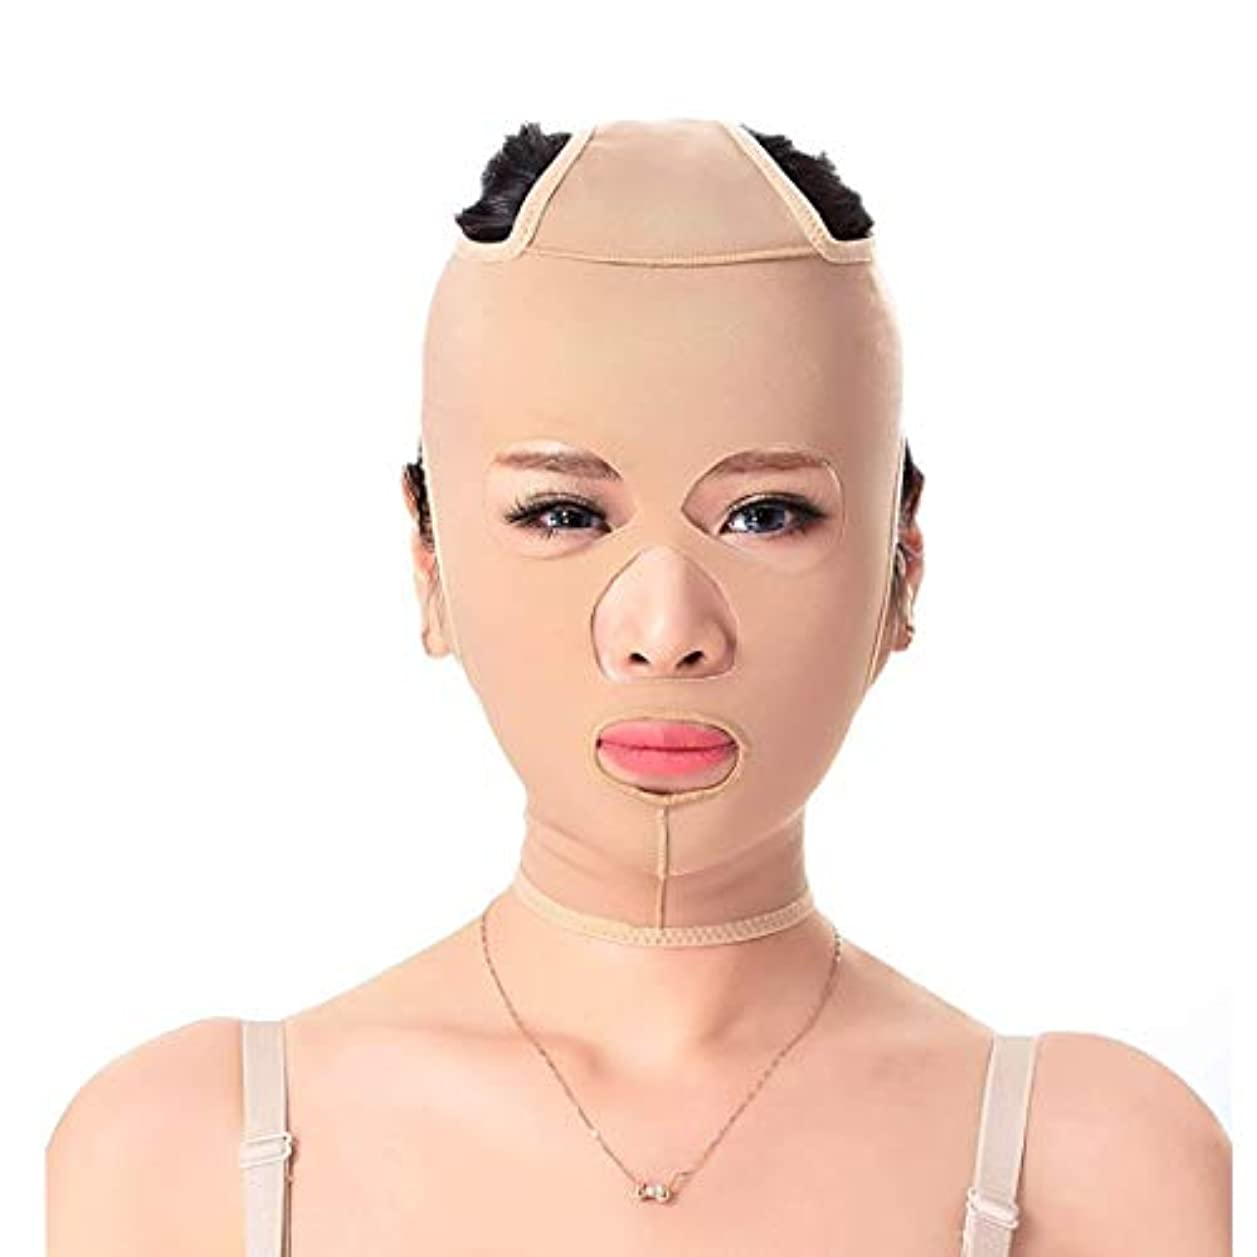 メトリック復活バーターSlim身ベルト、フェイシャルマスクフェイスプラスチック顔Arを引き締めるダブルあごを持ち上げるパターンを布布する薄いフェイスマスクtifactパワフルフェイスバンデージ(サイズ:M)